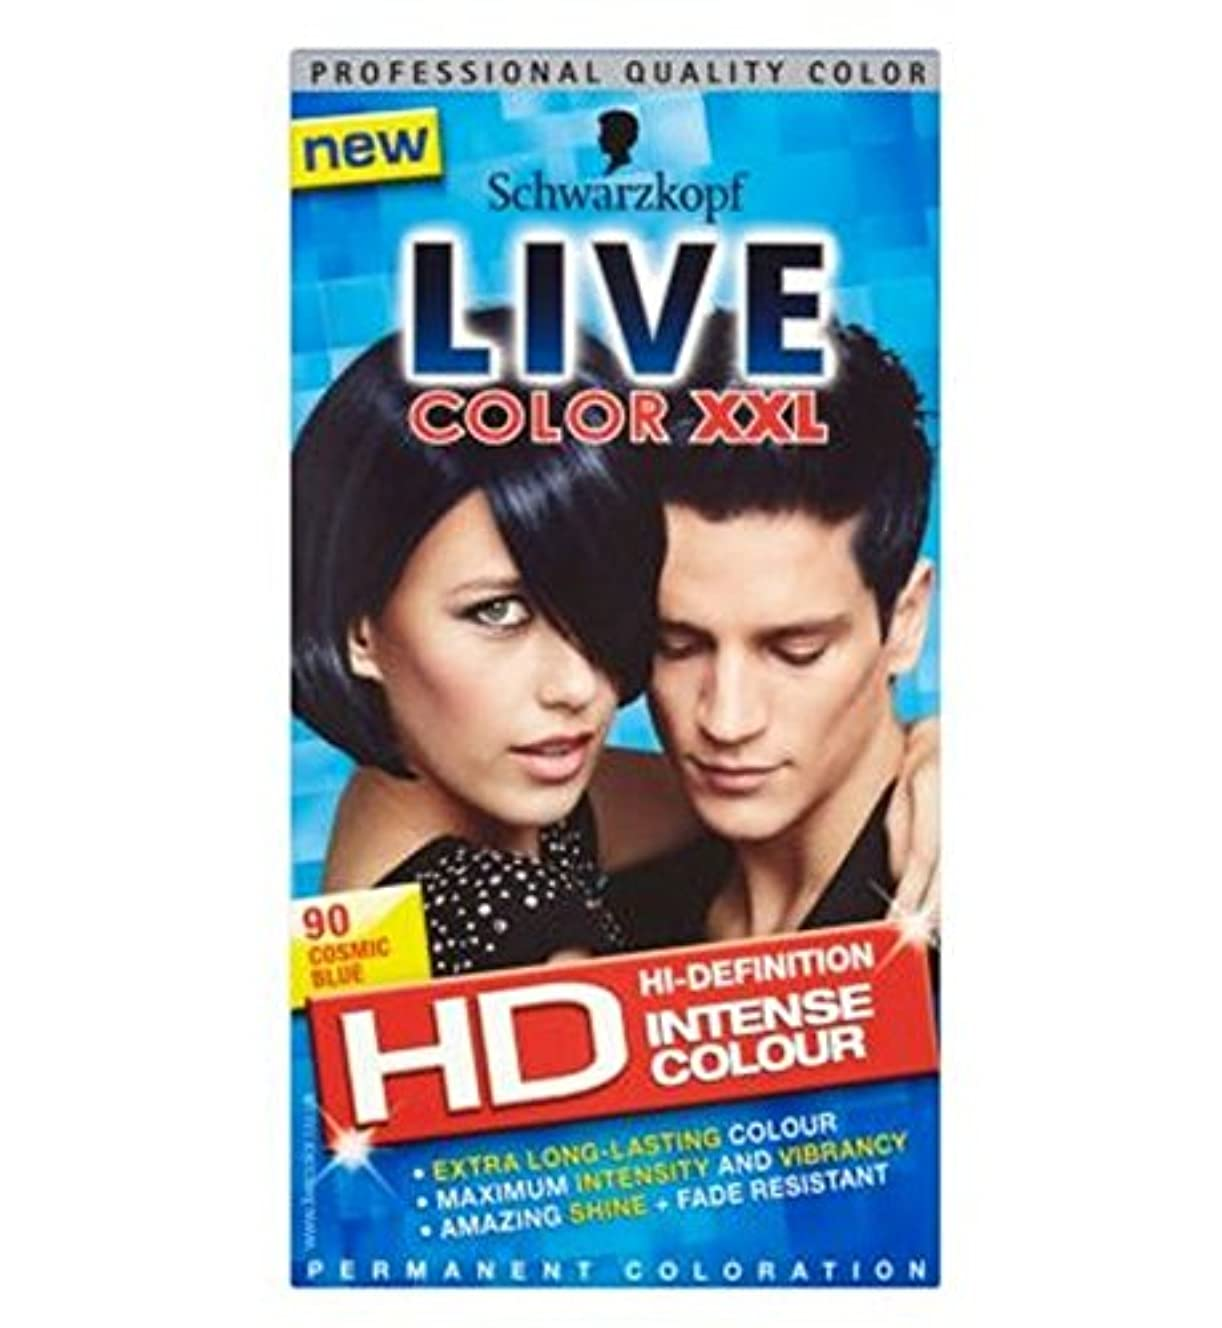 感じるコンセンサス旧正月Schwarzkopf LIVE Color XXL HD 90 Cosmic Blue Permanent Blue Hair Dye - シュワルツコフライブカラーXxl Hd 90宇宙の青い永久青い髪の染料 (Schwarzkopf...